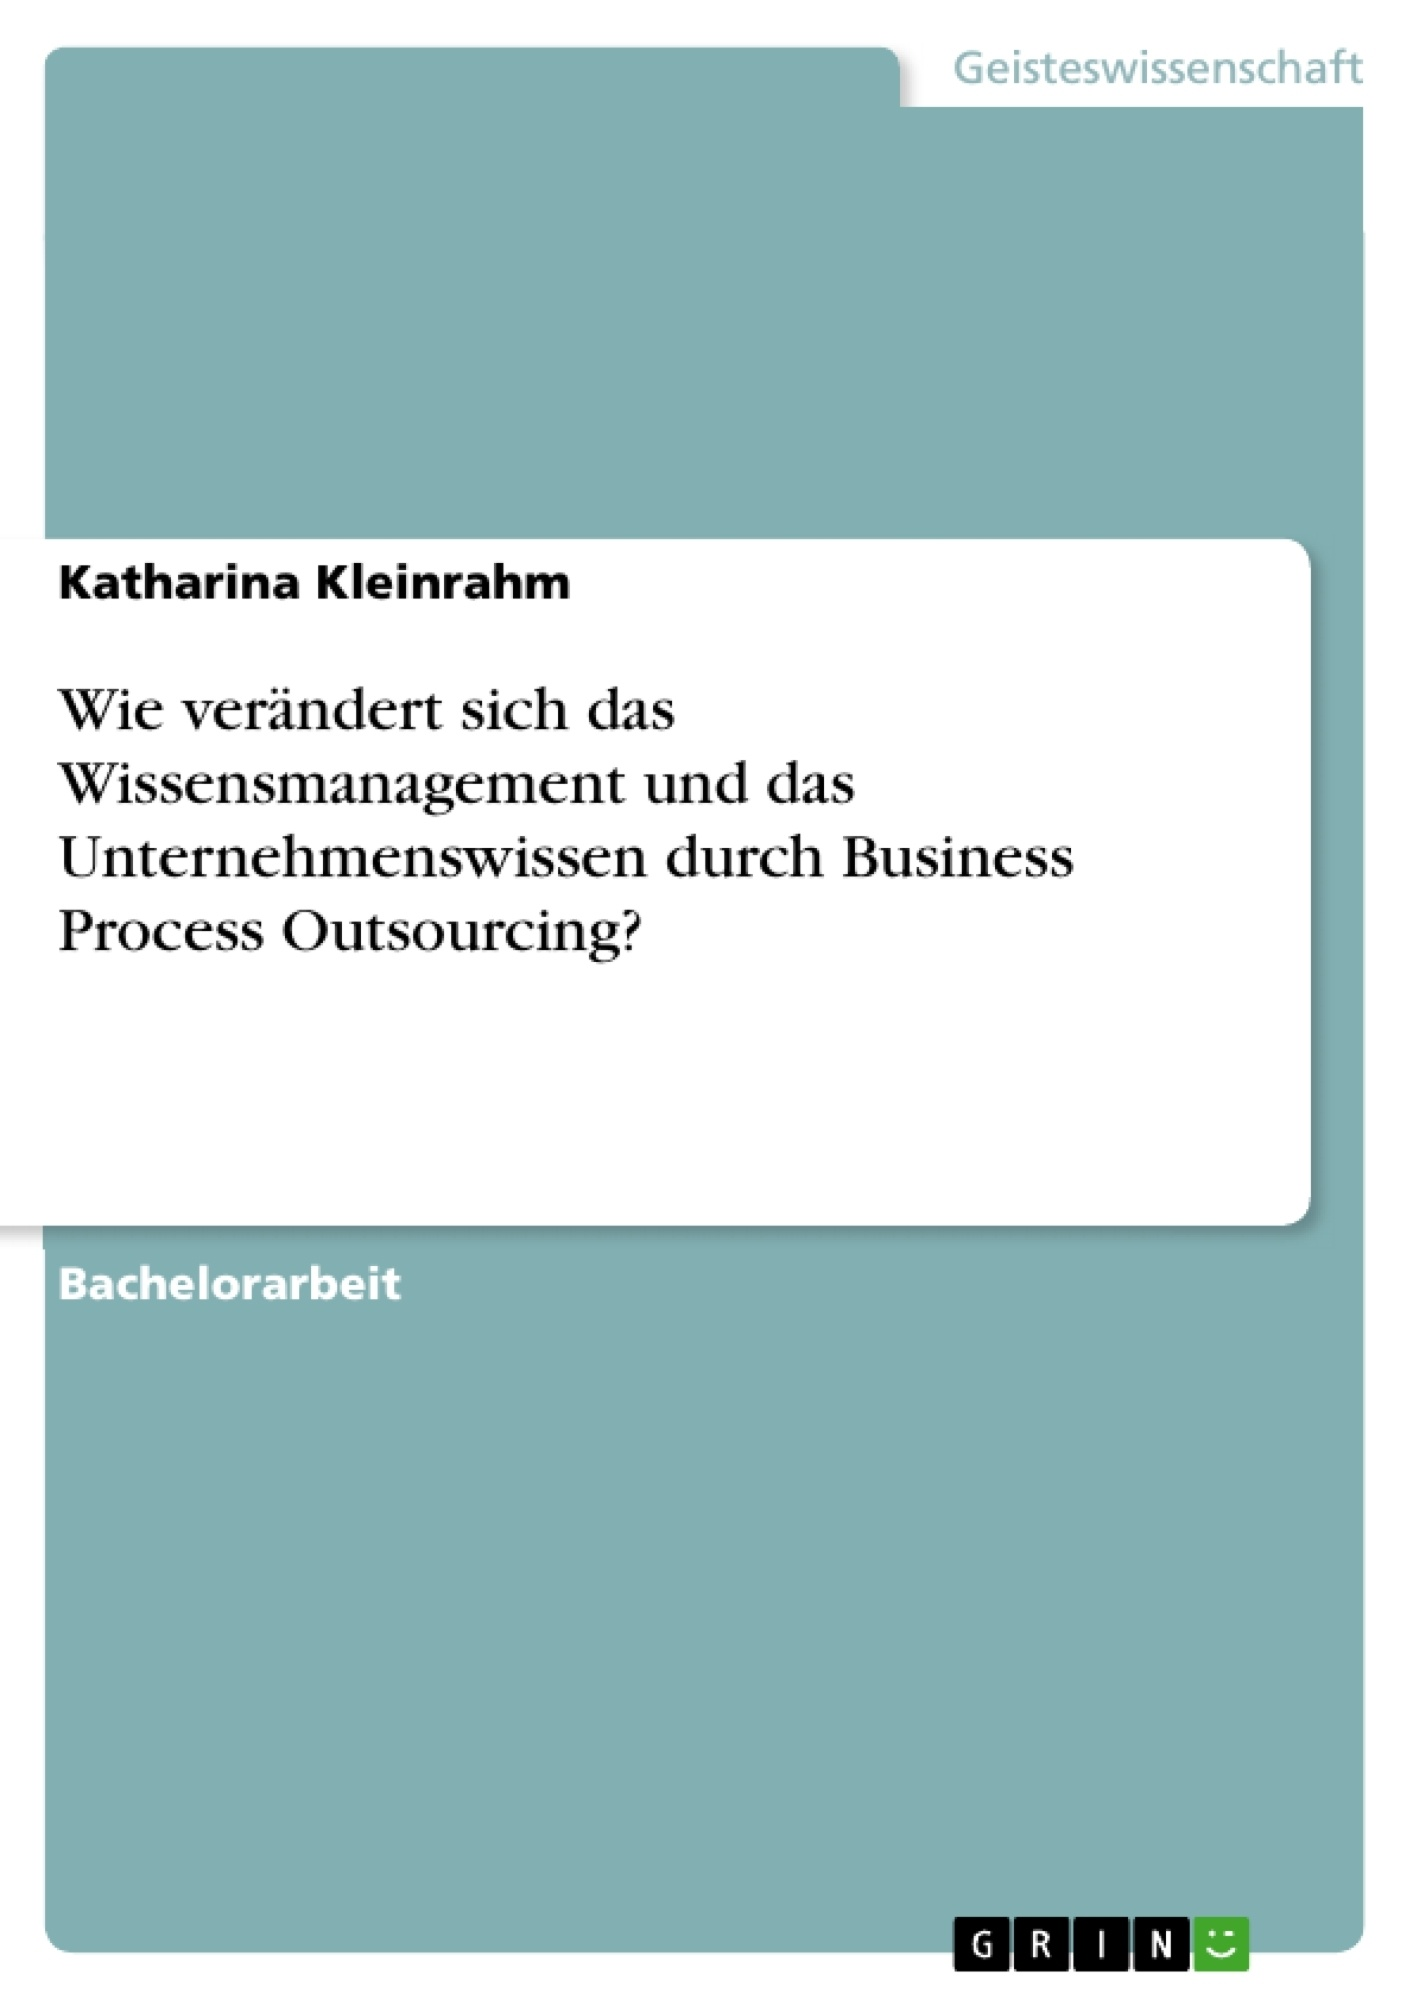 Titel: Wie verändert sich das Wissensmanagement und das Unternehmenswissen durch Business Process Outsourcing?